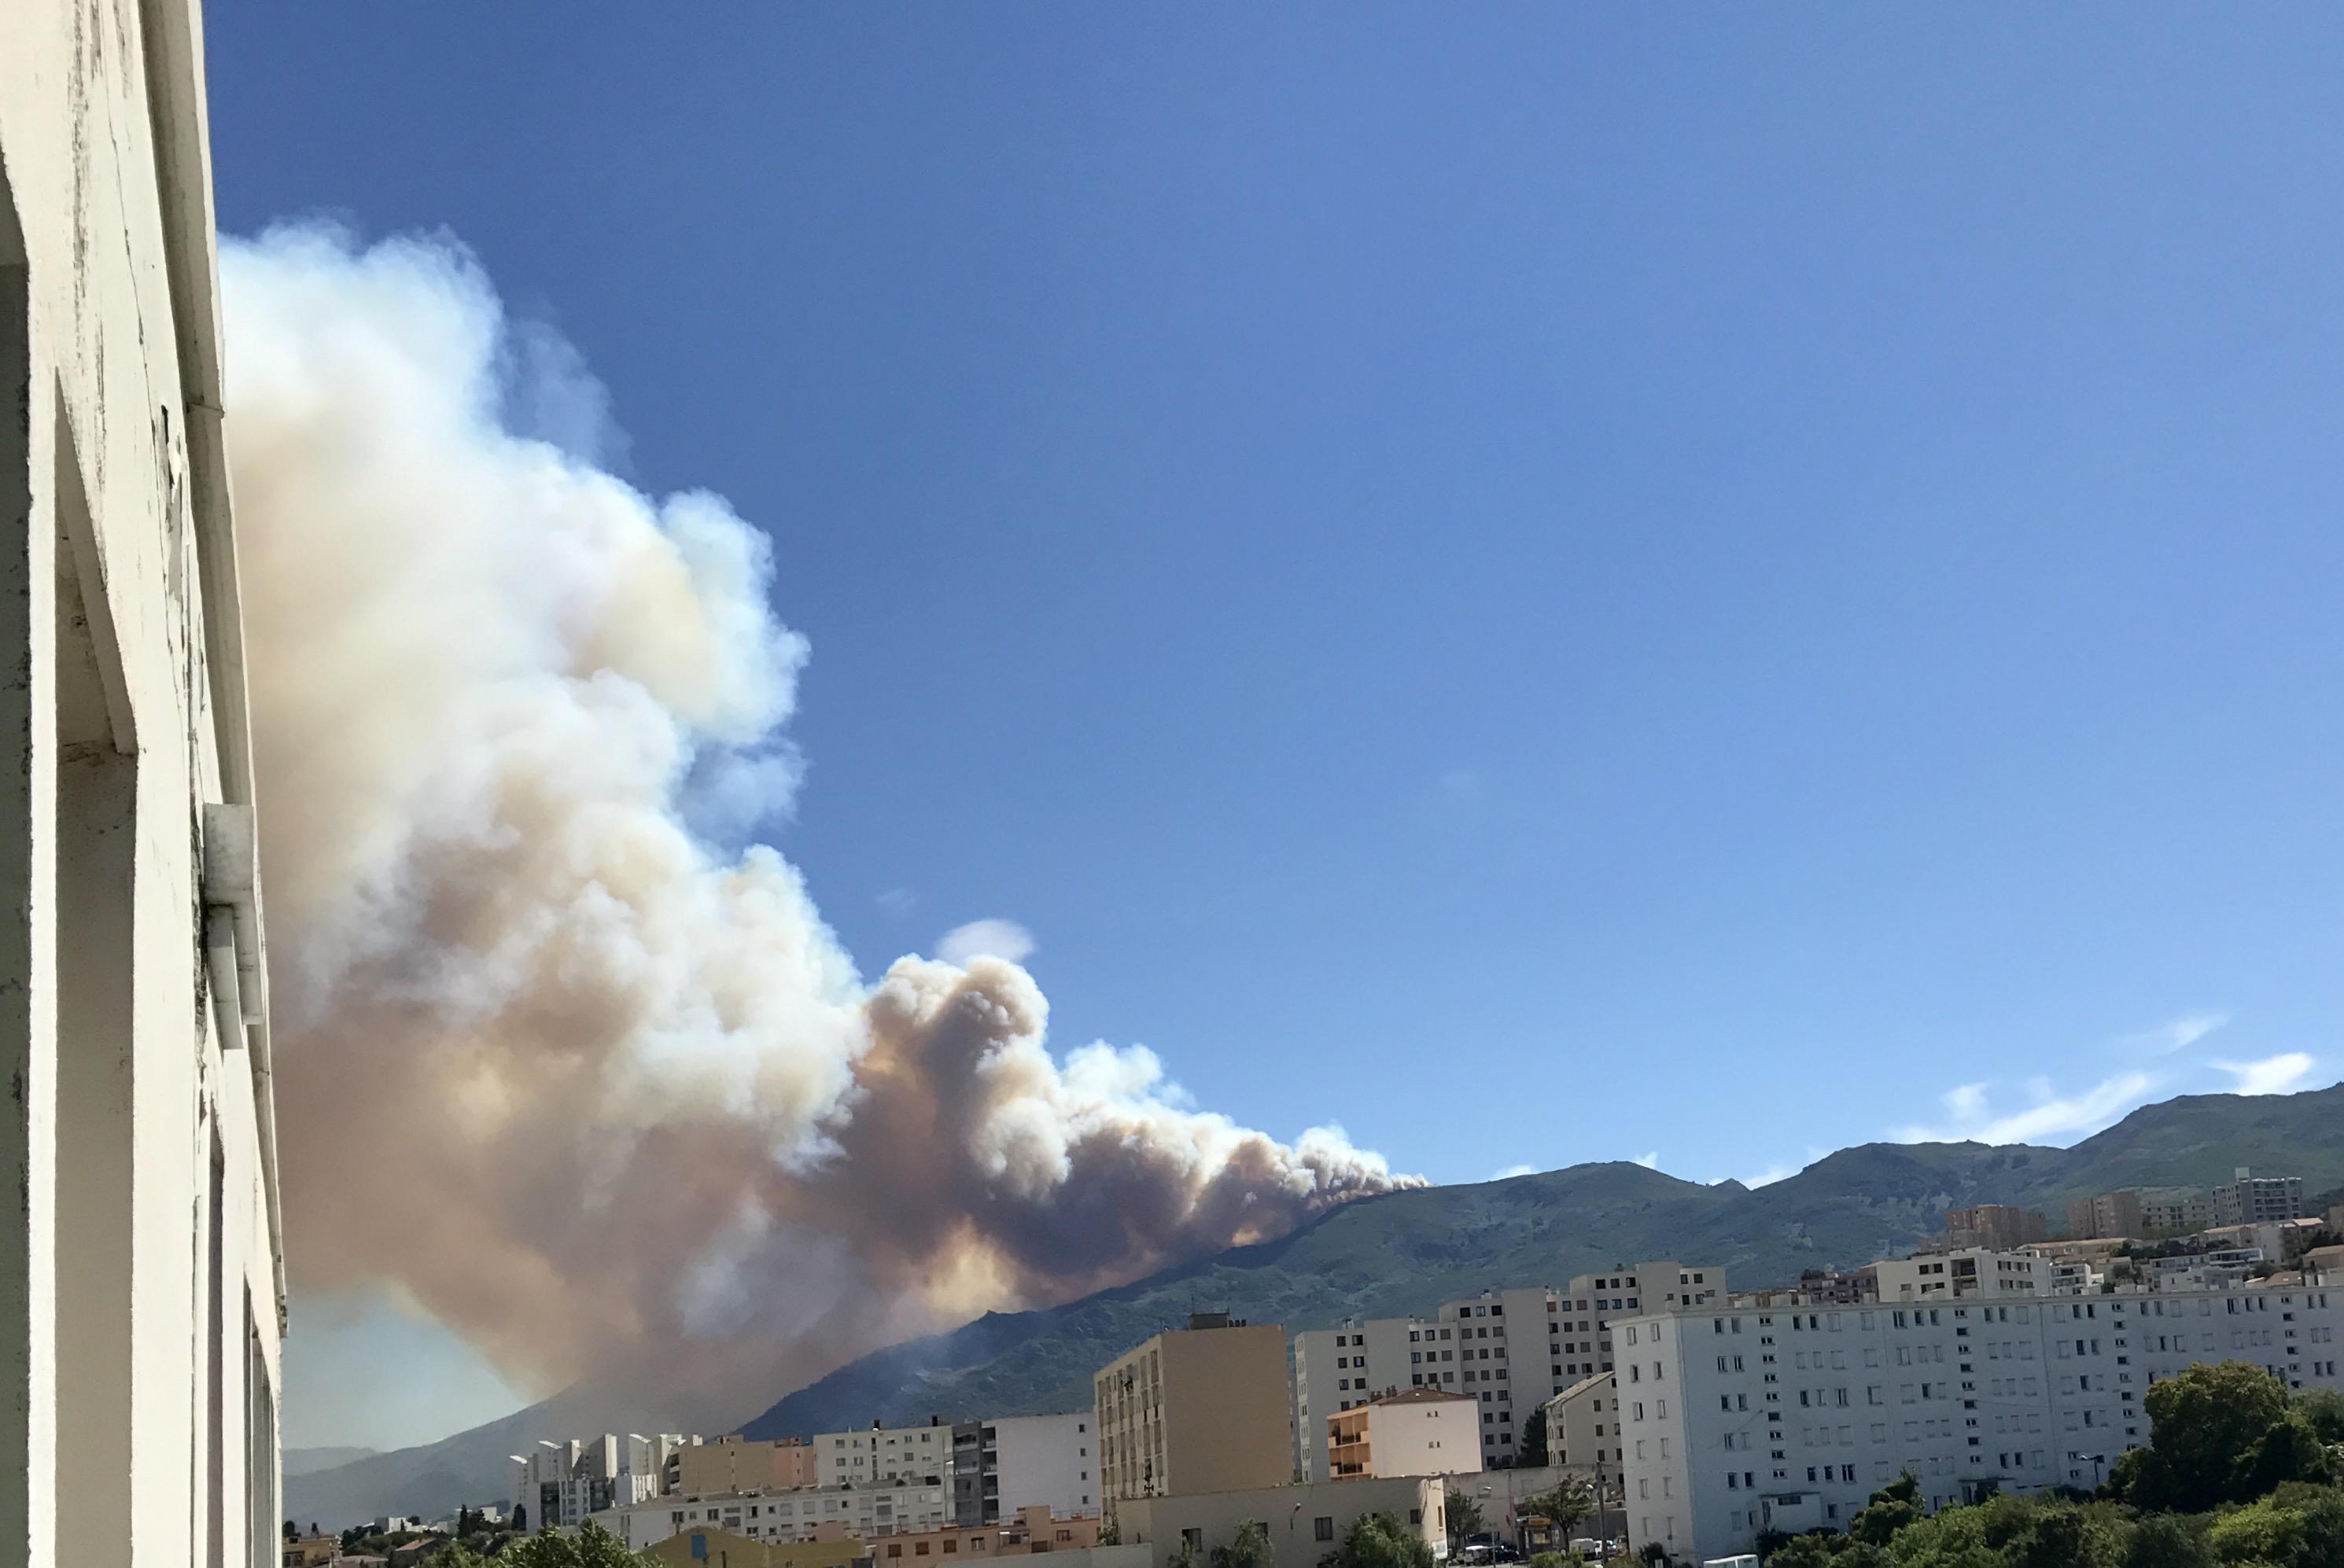 Incendies en Haute-Corse : Près d'une centaine d'hectares détruits